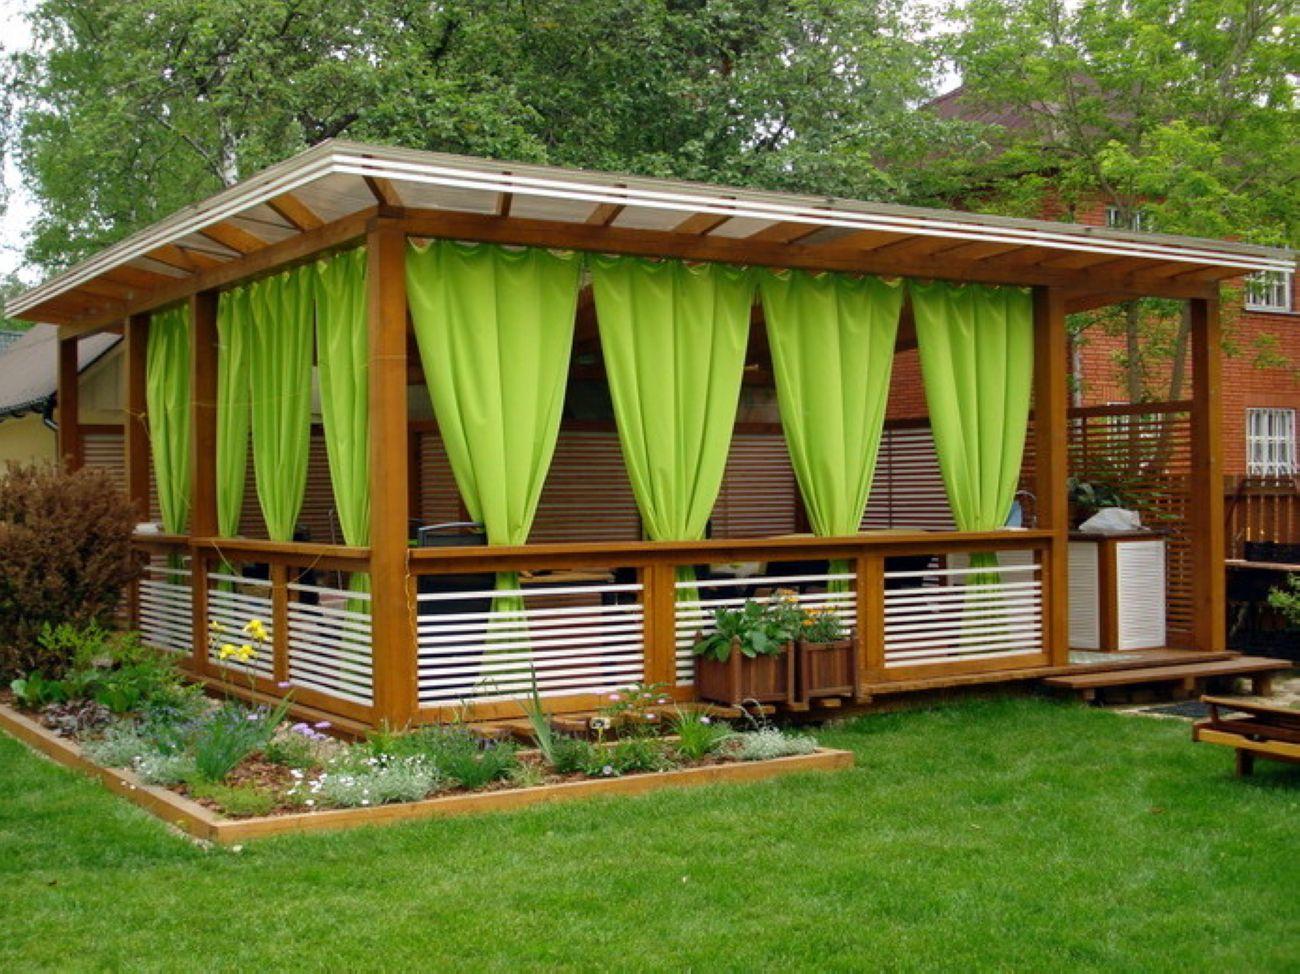 Садовый павильон из дерева своими руками